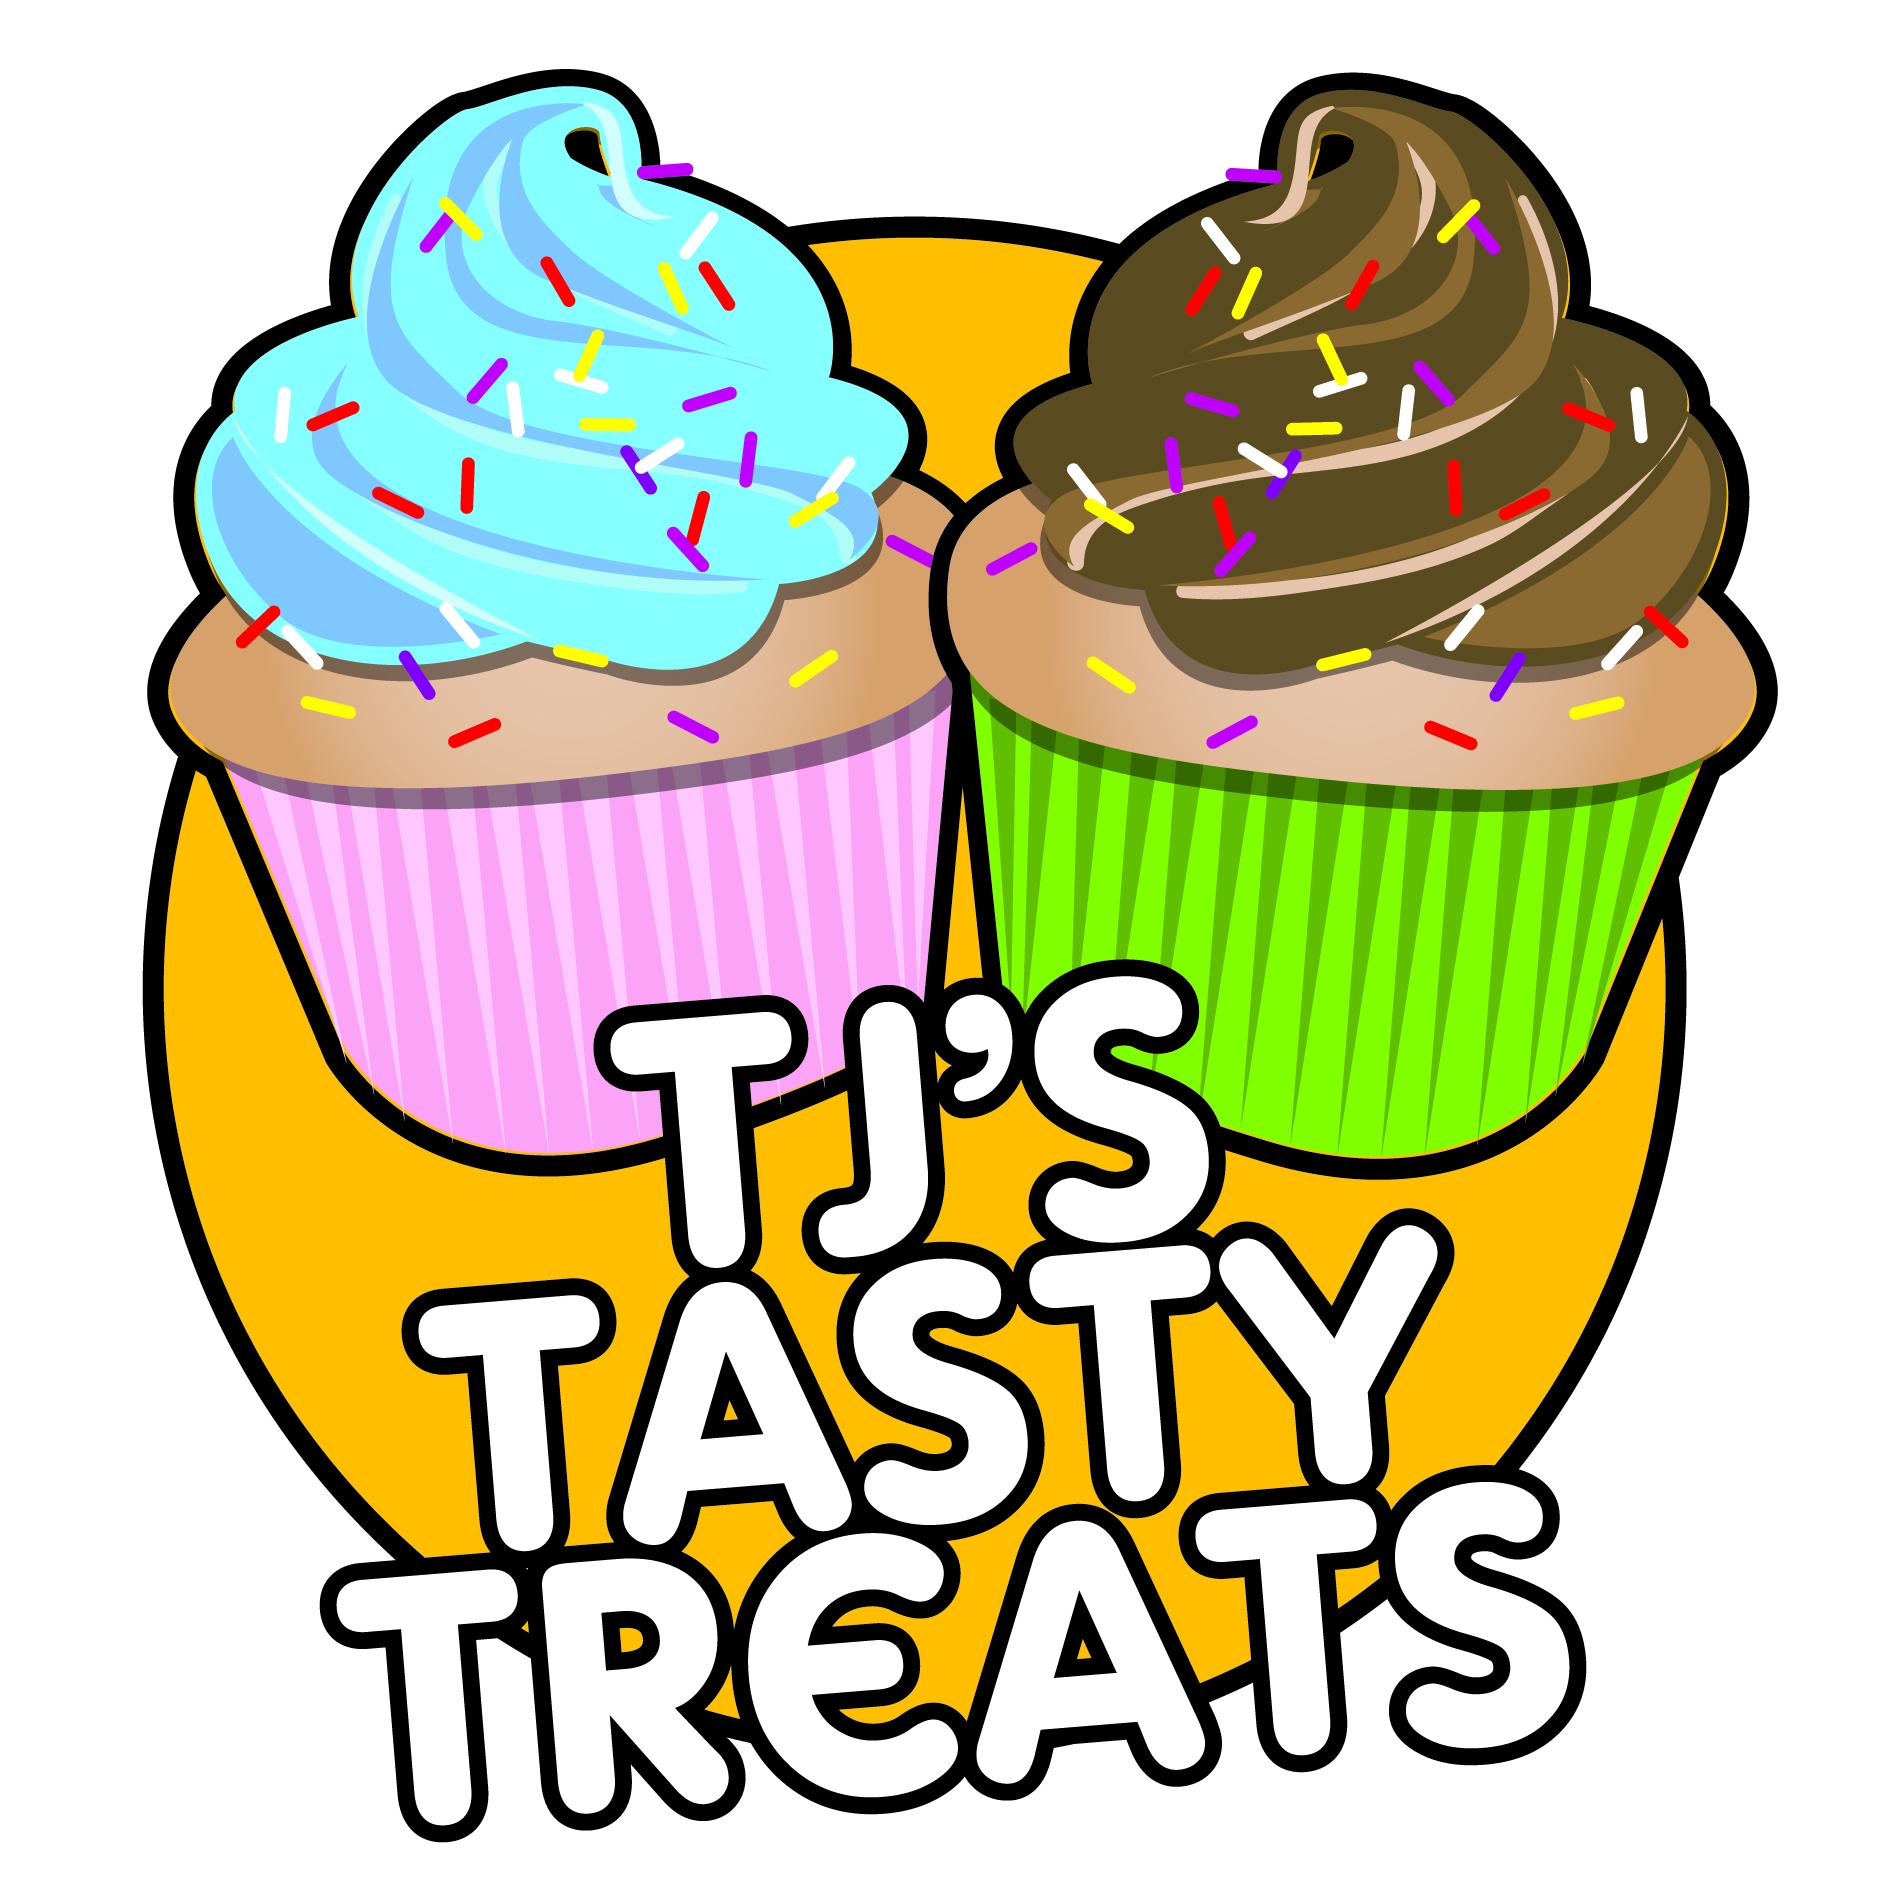 TJs Tasty Treats logo-01.jpg